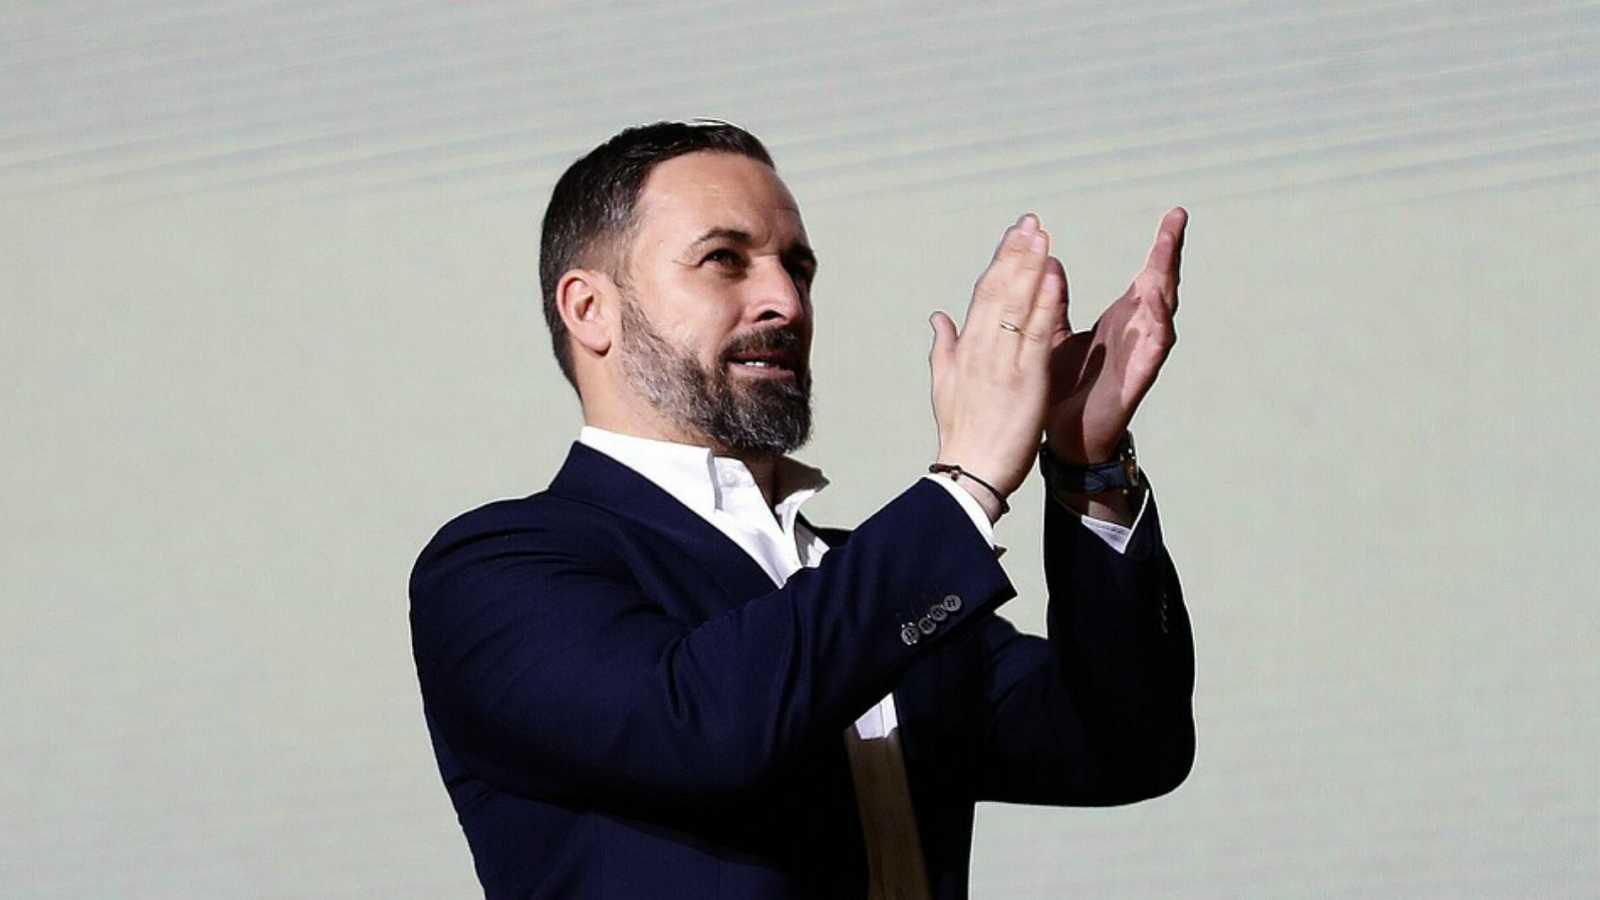 El líder de Vox, Santiago Abascal, durante el mitin del 8 de marzo